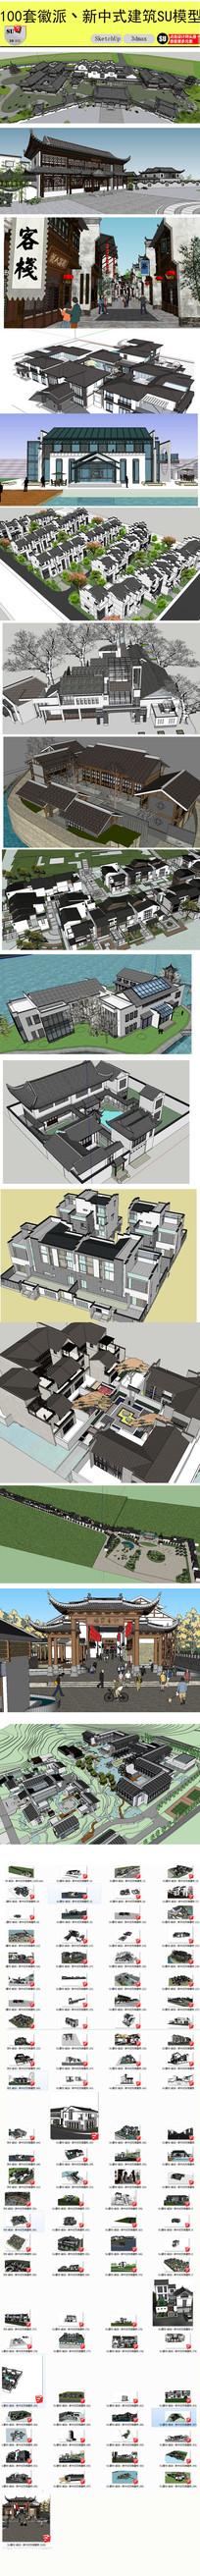 徽派中式风格建筑su模型